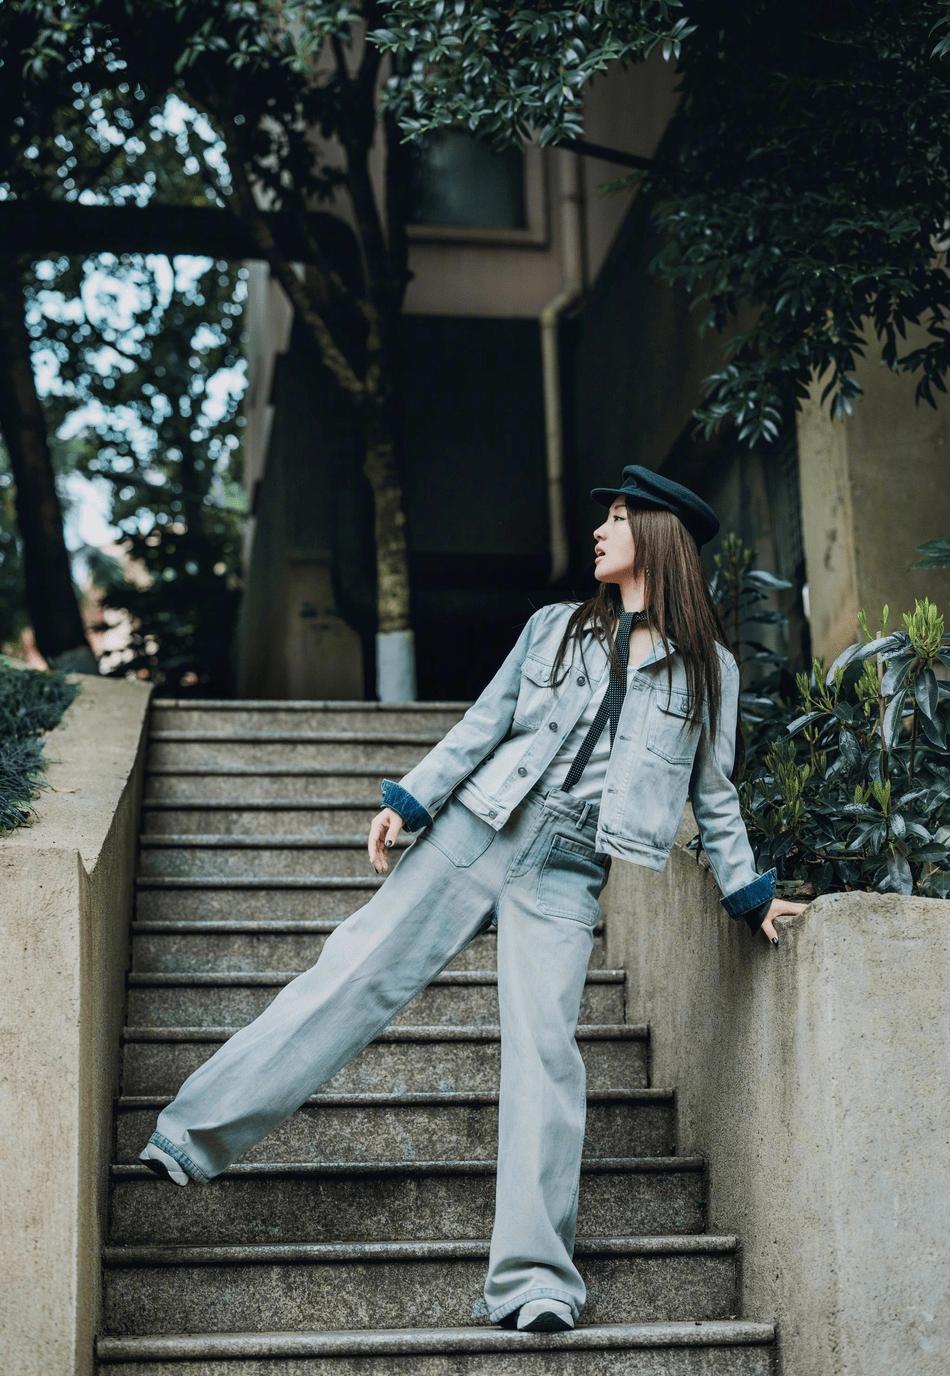 原来的杨钰莹很少改变风格,穿着水洗牛仔裤搭配圆点领带,中性帅气又不失俏皮